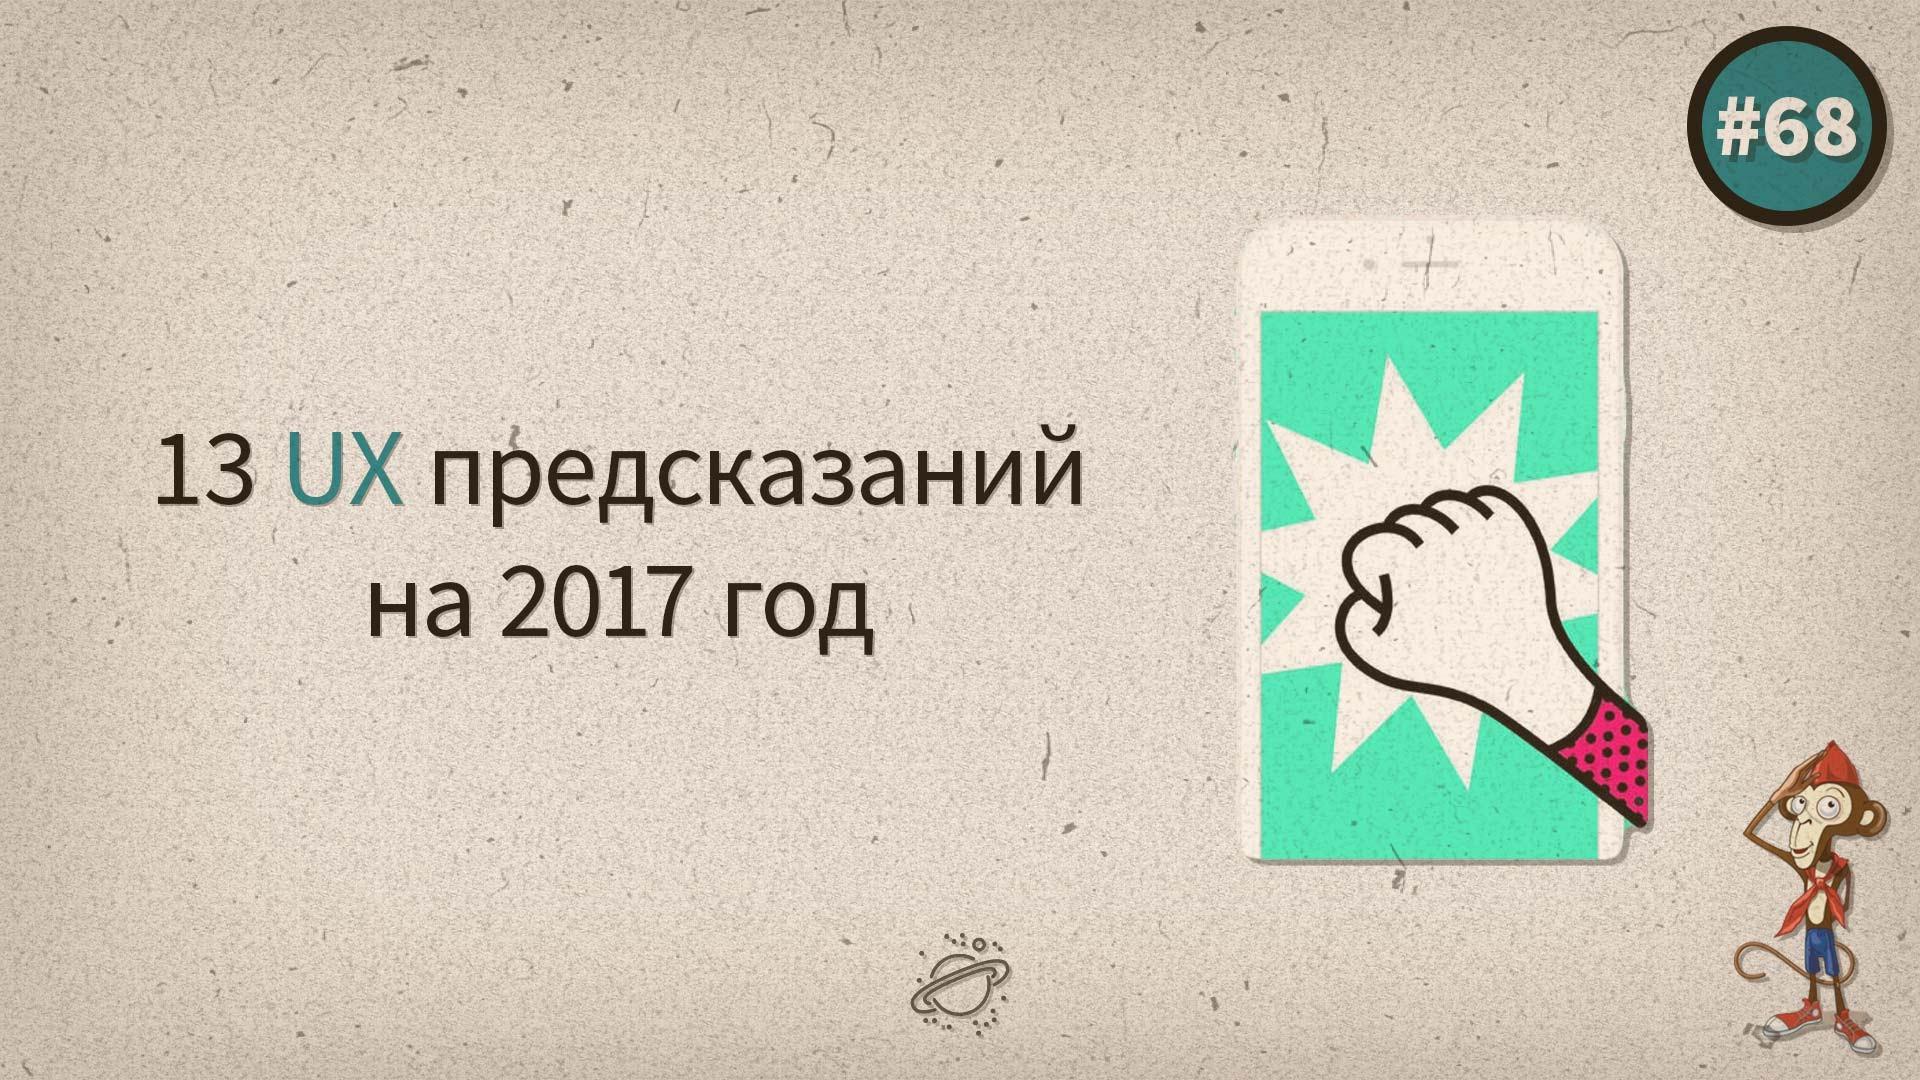 Важное предсказание Александра Шепса на 2017 год для России и Украины